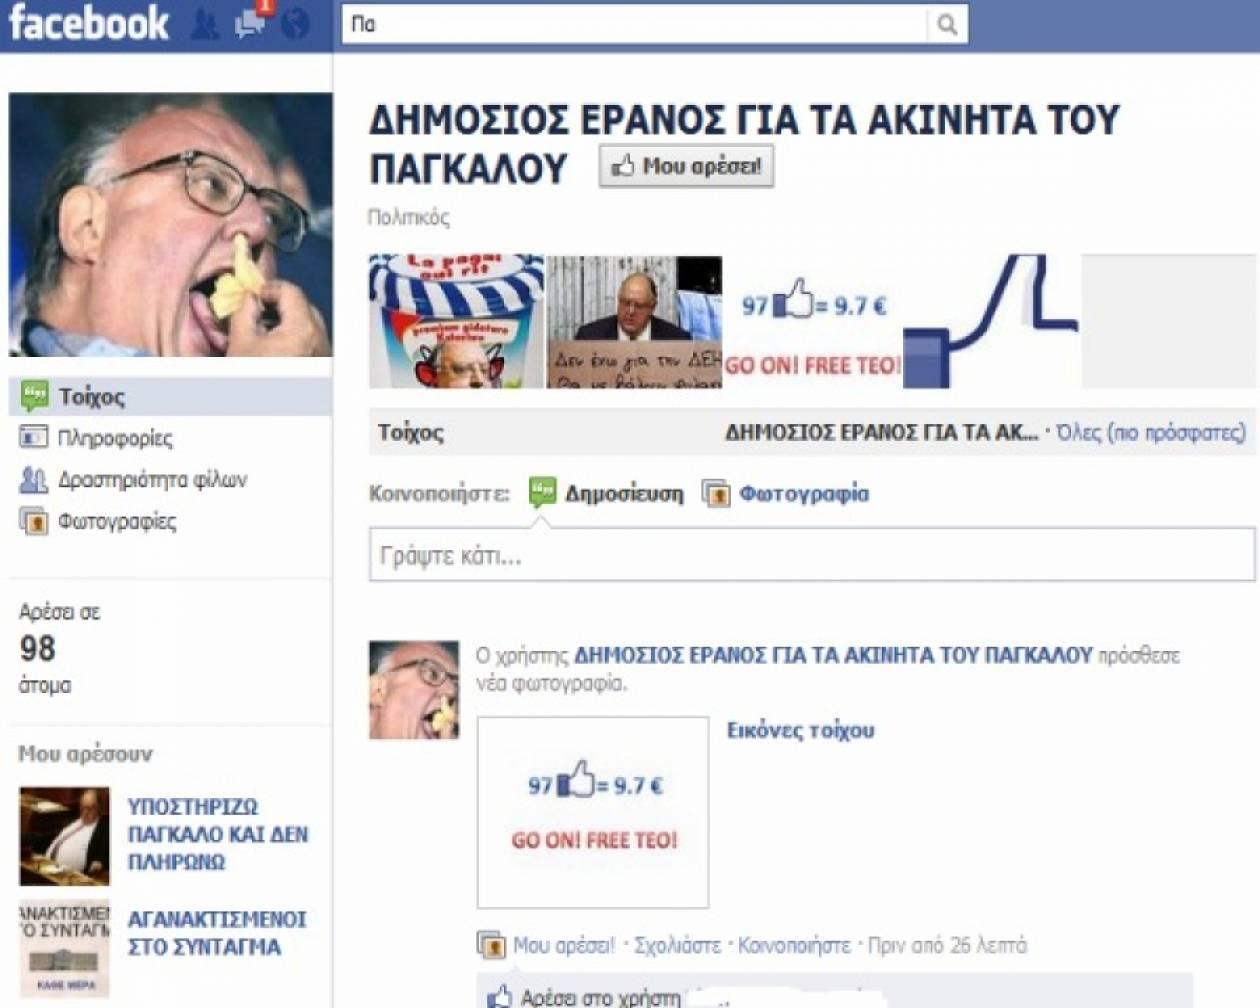 Γκρούπ στο Facebook για δημόσιο έρανο υπέρ του Πάγκαλου!